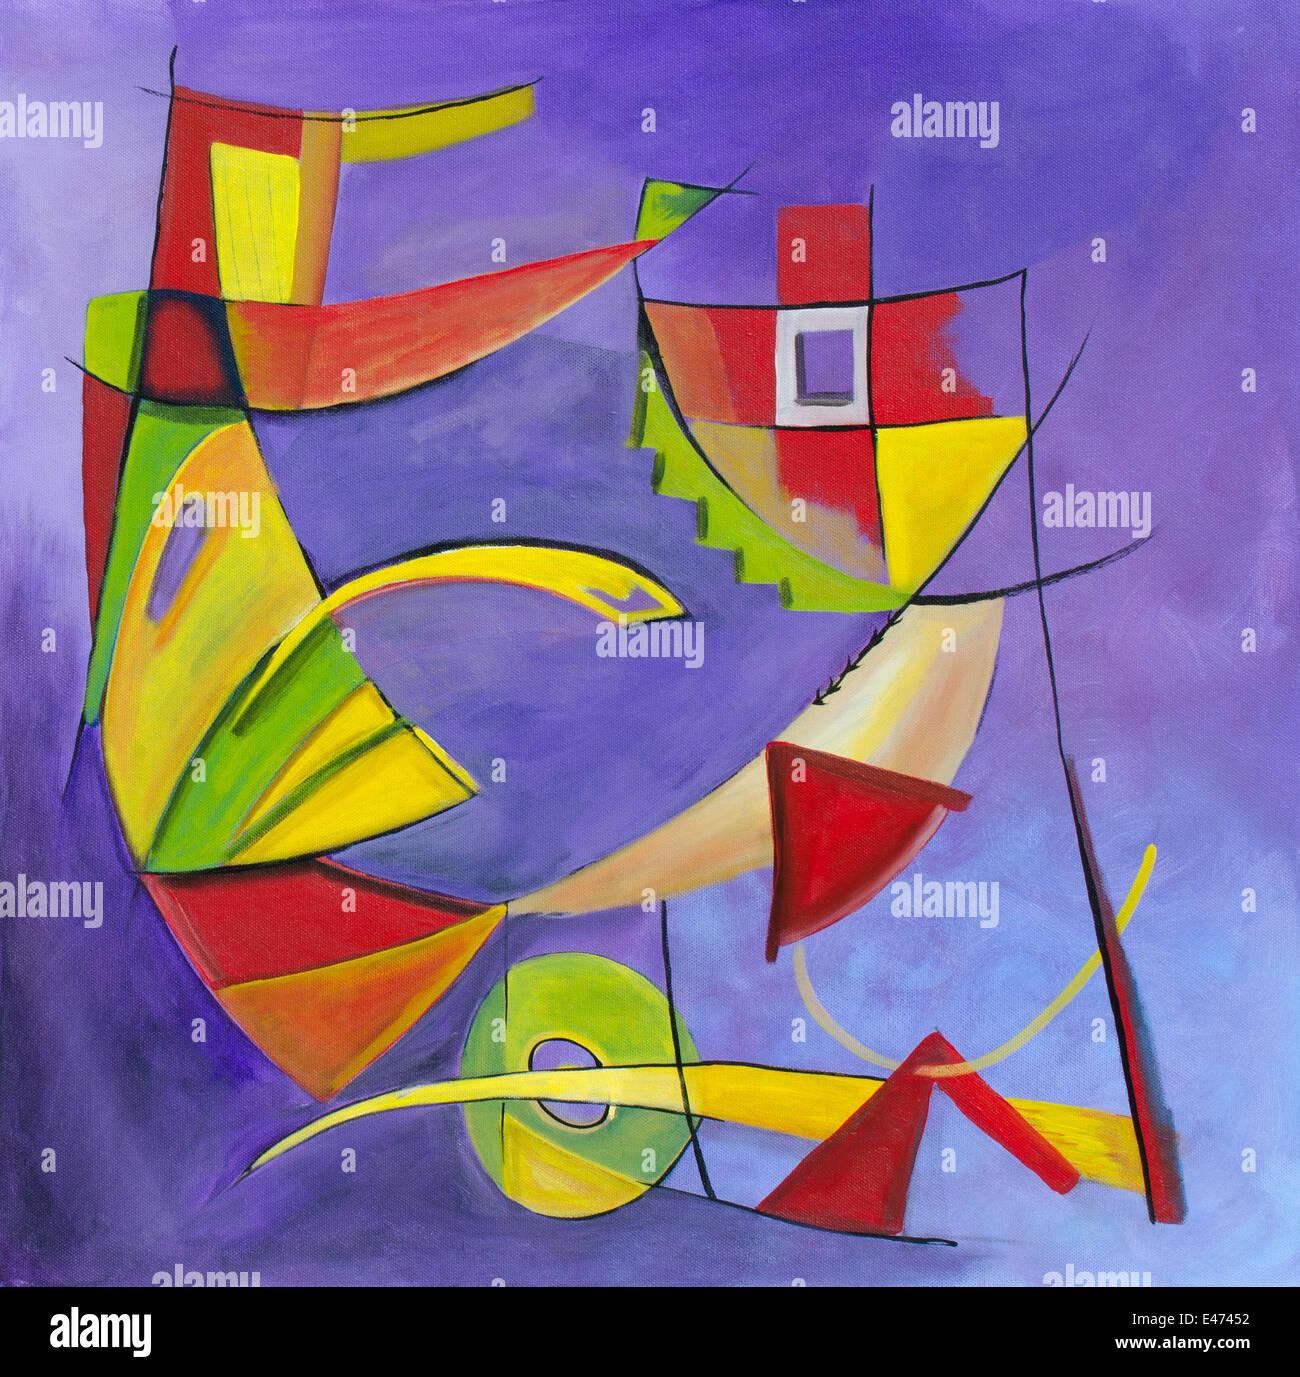 Lu0027Arte Astratta Contemporanea Pittura Geometrica. Disostituzione   Acrilico  Su Tela